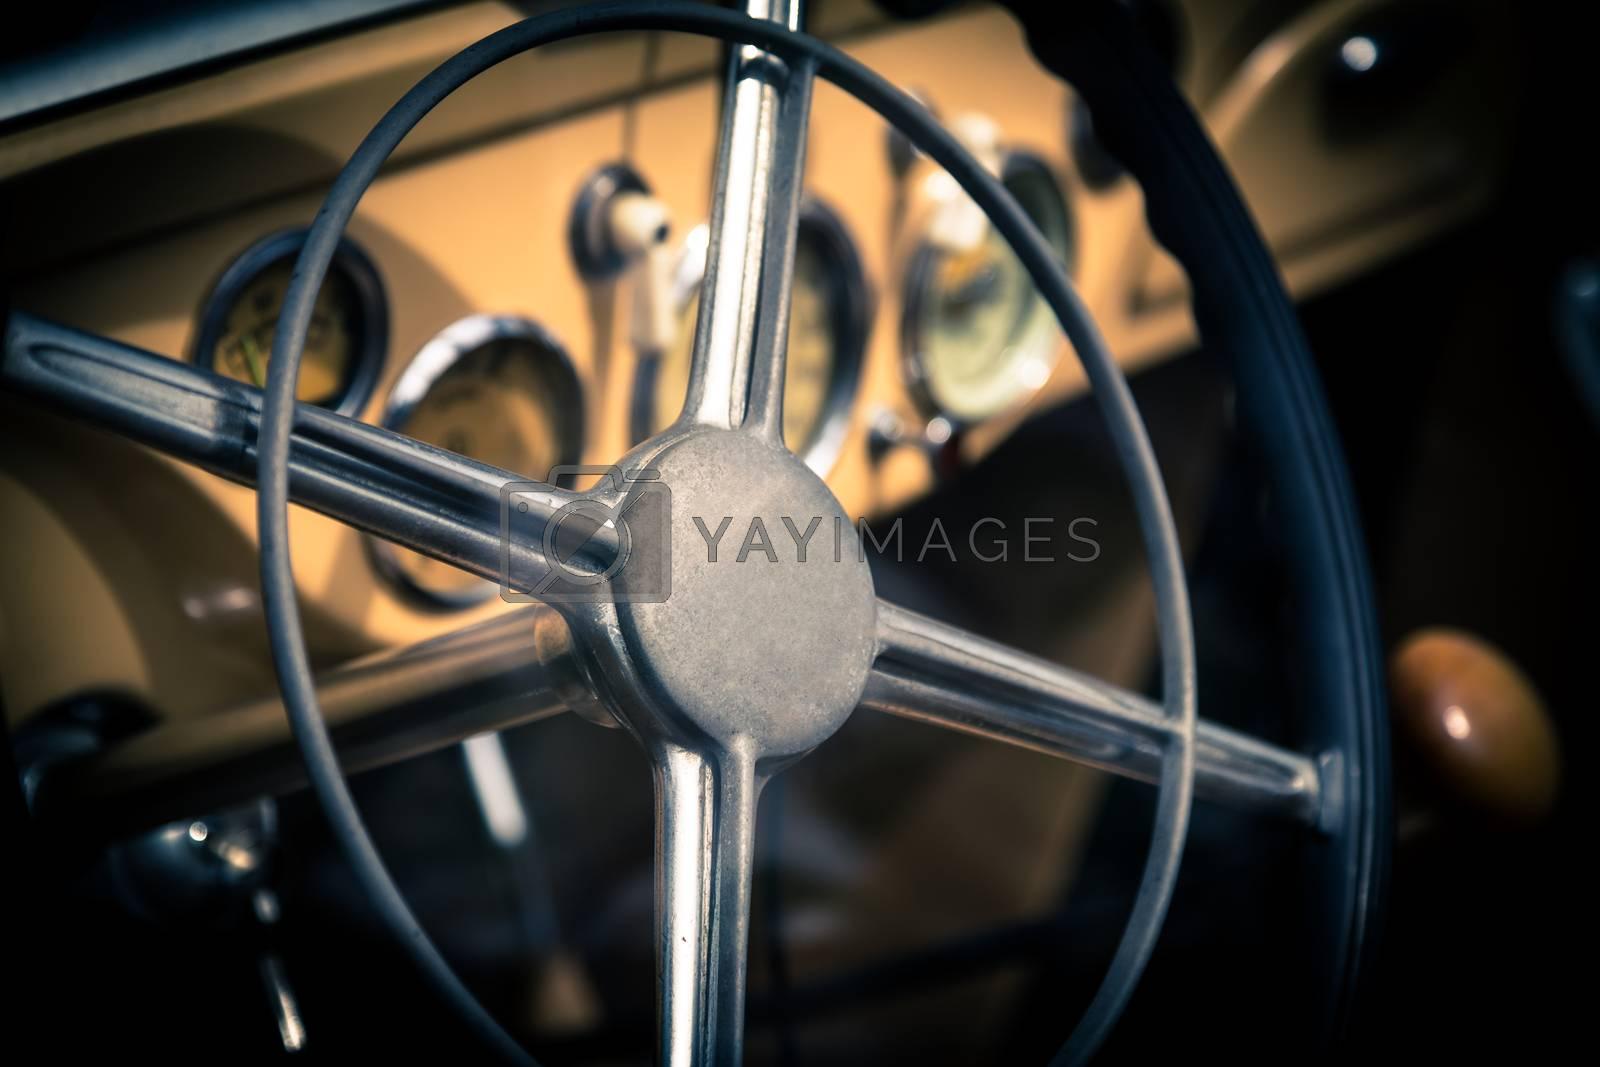 Retro interior of old automobile